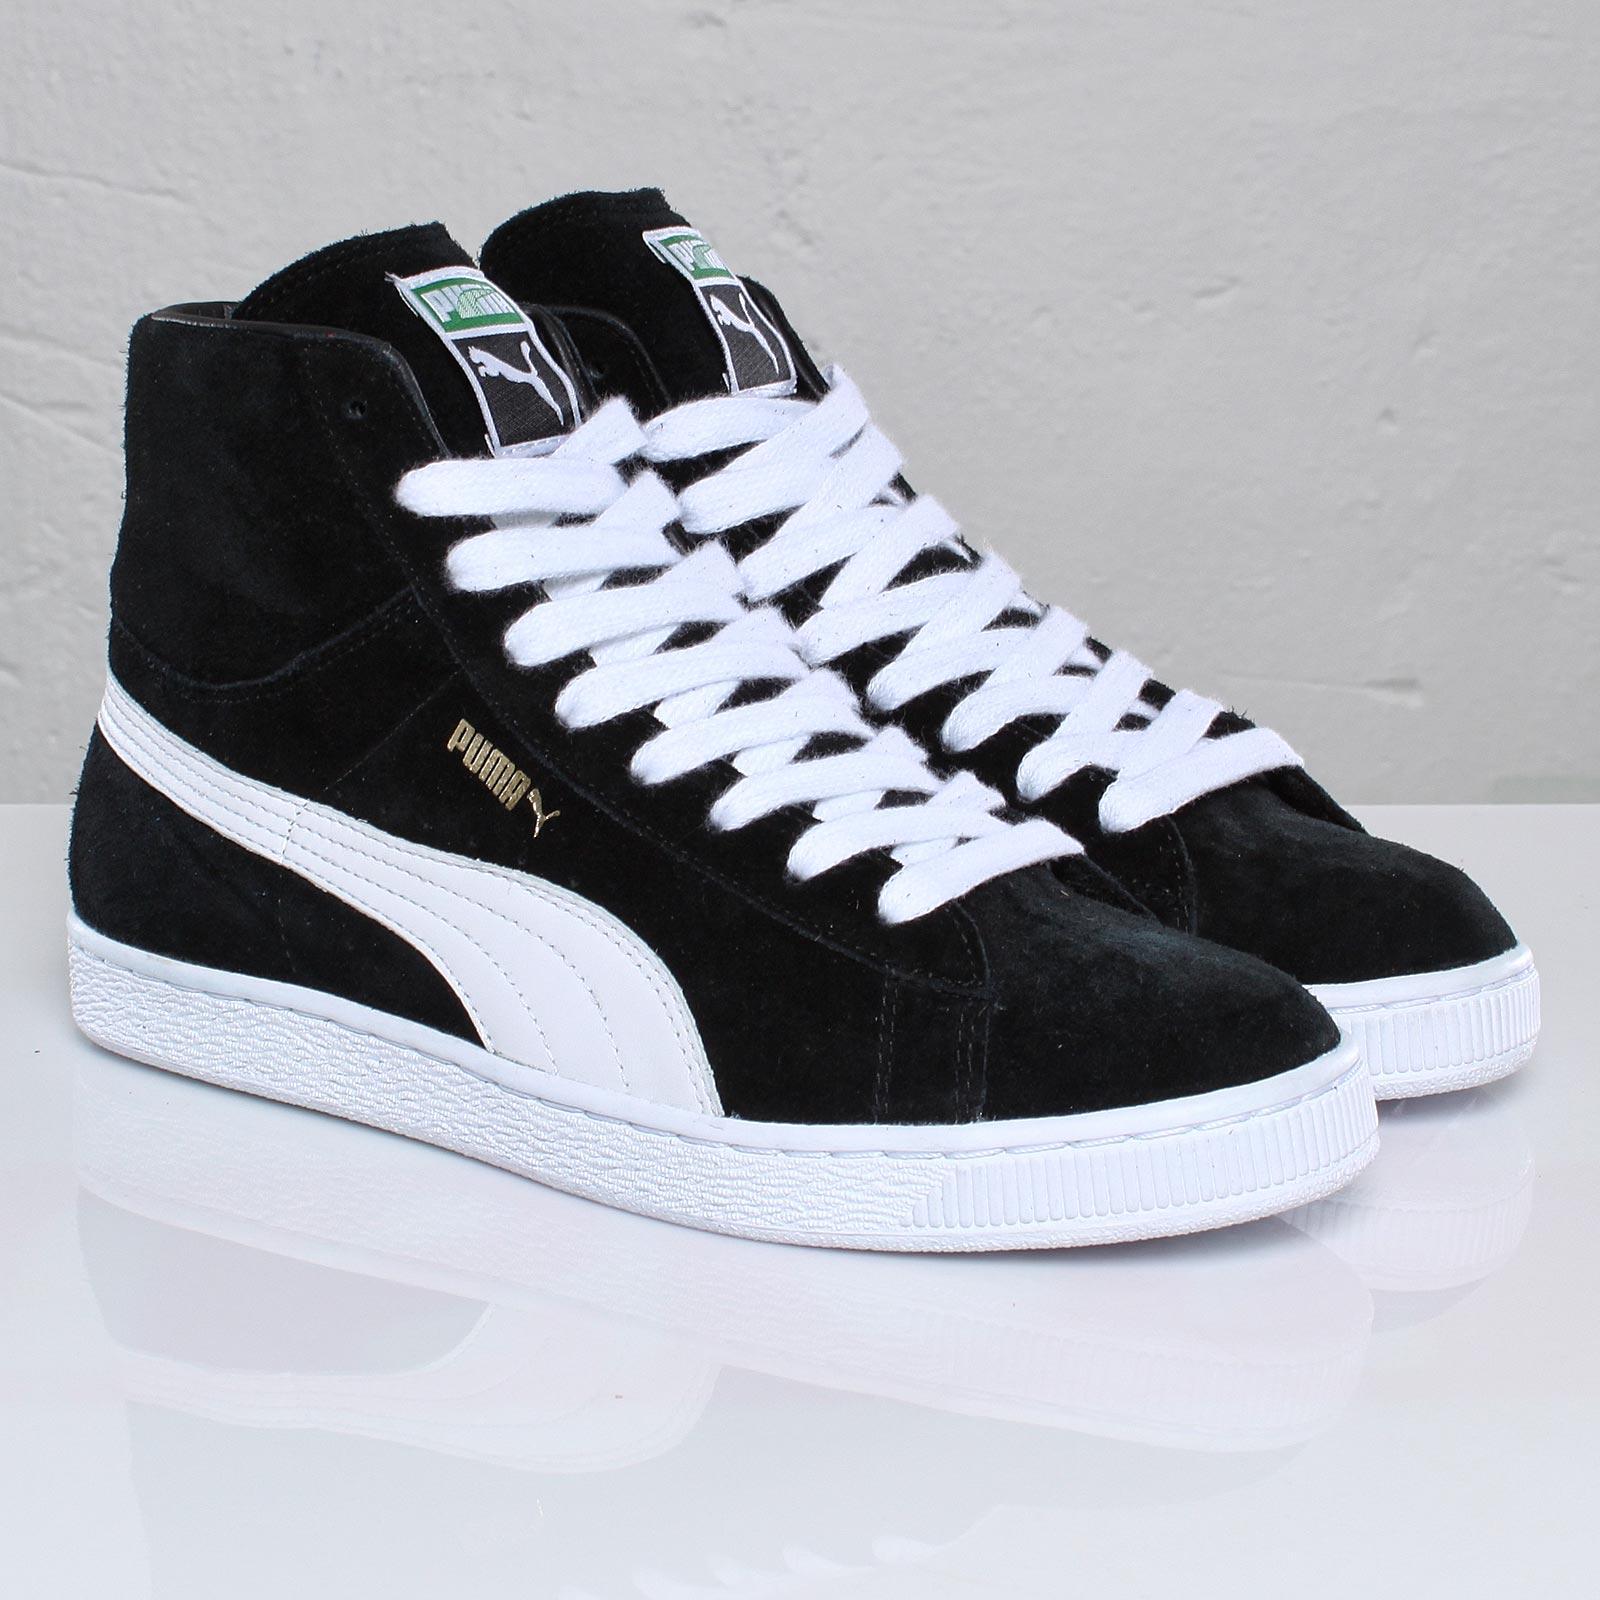 100775 Sneakersnstuff Classics Mid Puma I Suede Sneakers 1KlJTFc